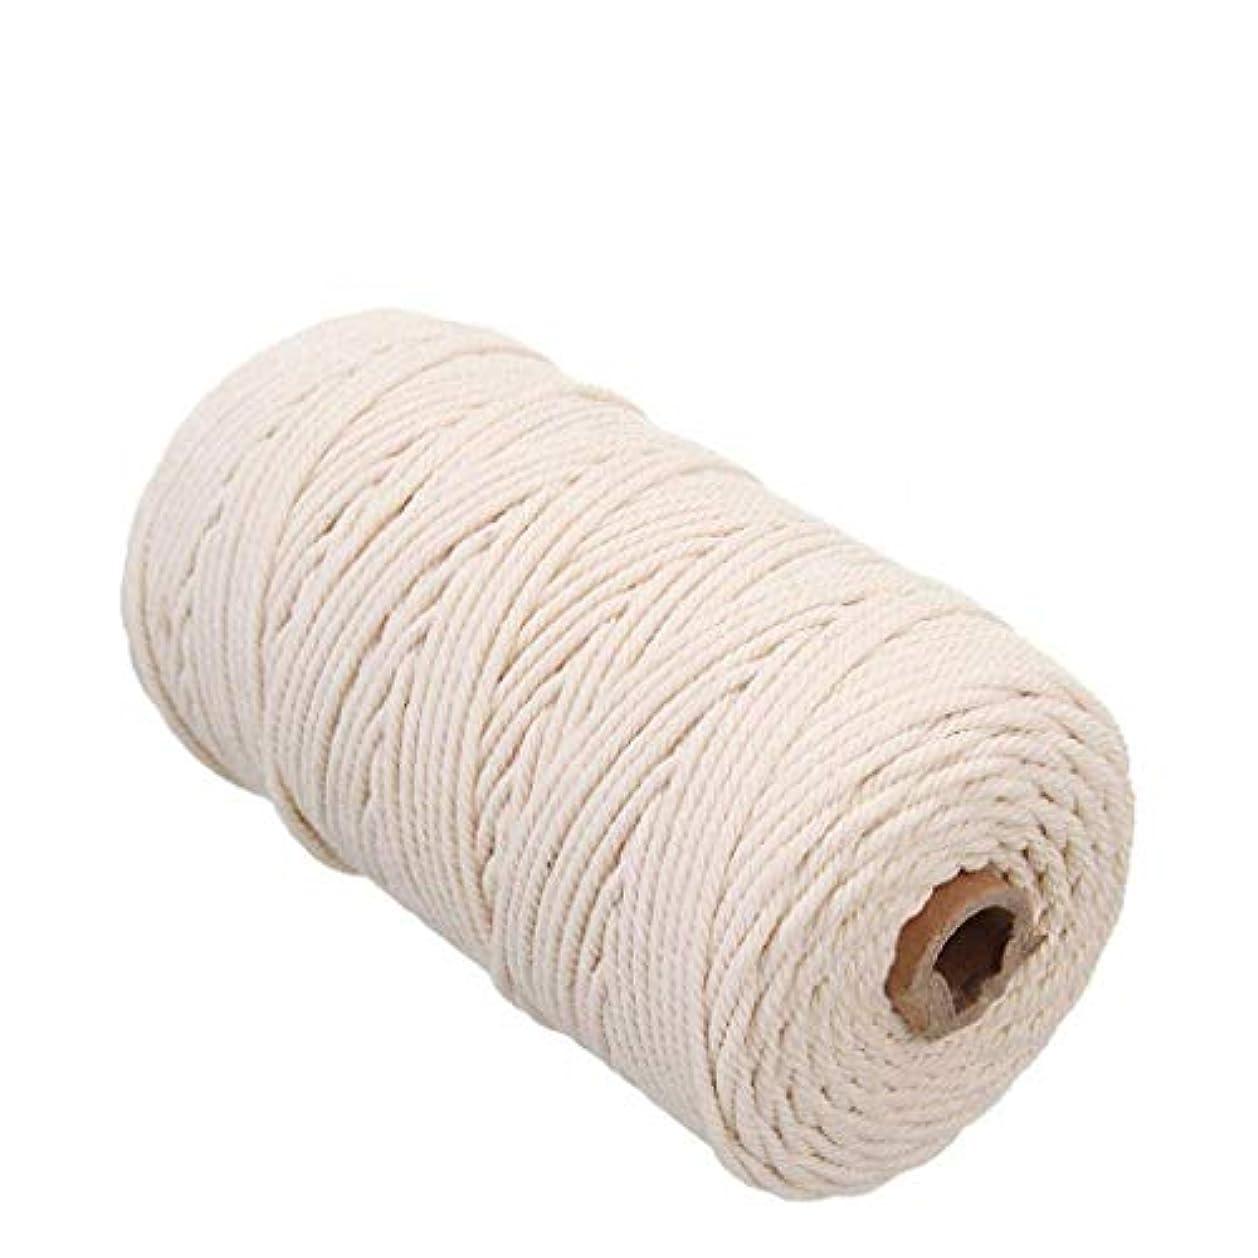 導入する暴行ダイエット手作りコットン糸 編み 天然コード 紐 綿糸ロープ 壁掛けロープナチュラルカラーニット製造プラントハンガー?クラフト 2mm x 200m (ライスホワイト)